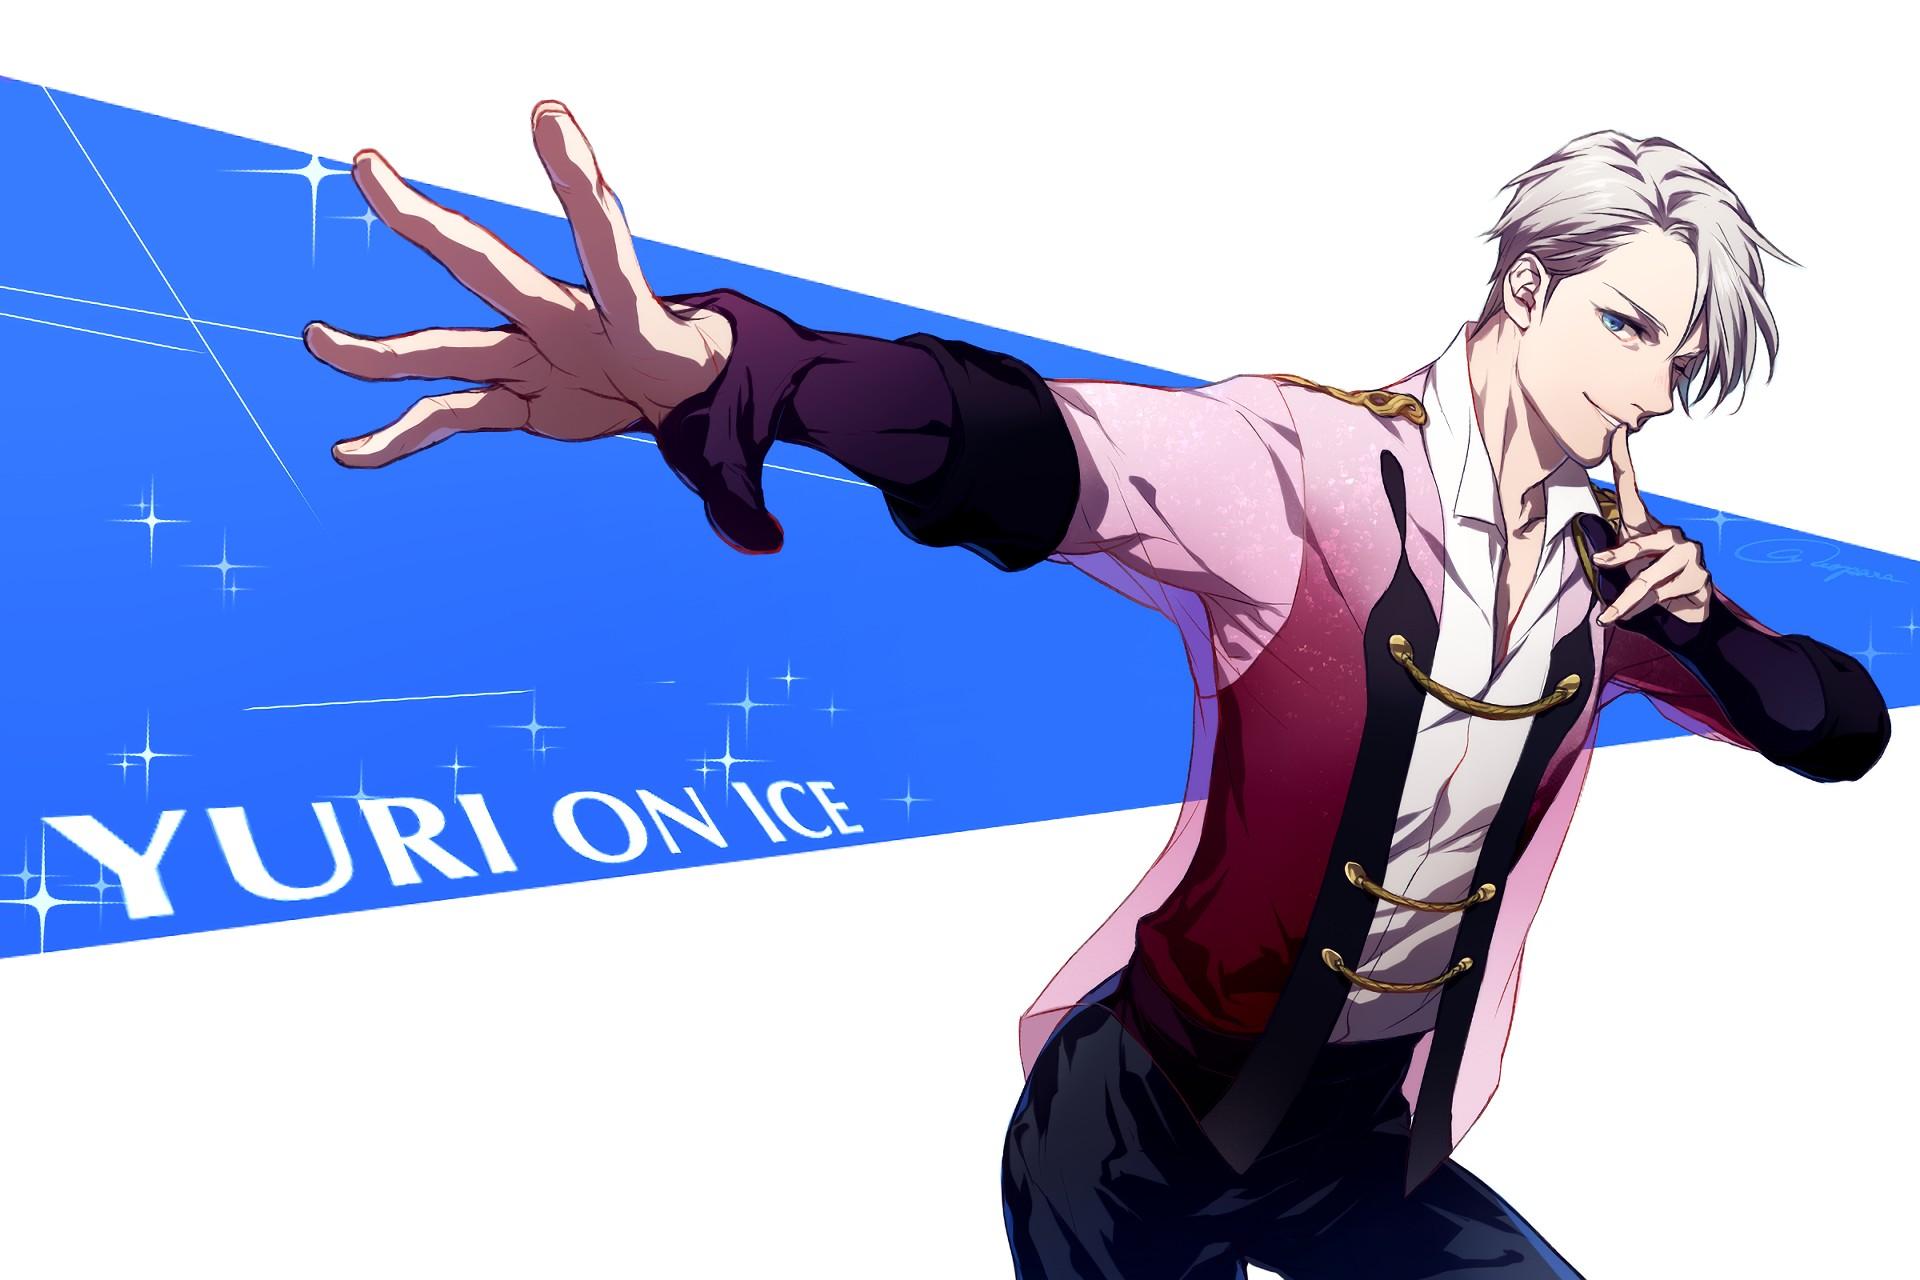 Yuri on Ice wallpaper ·① Download free stunning ...